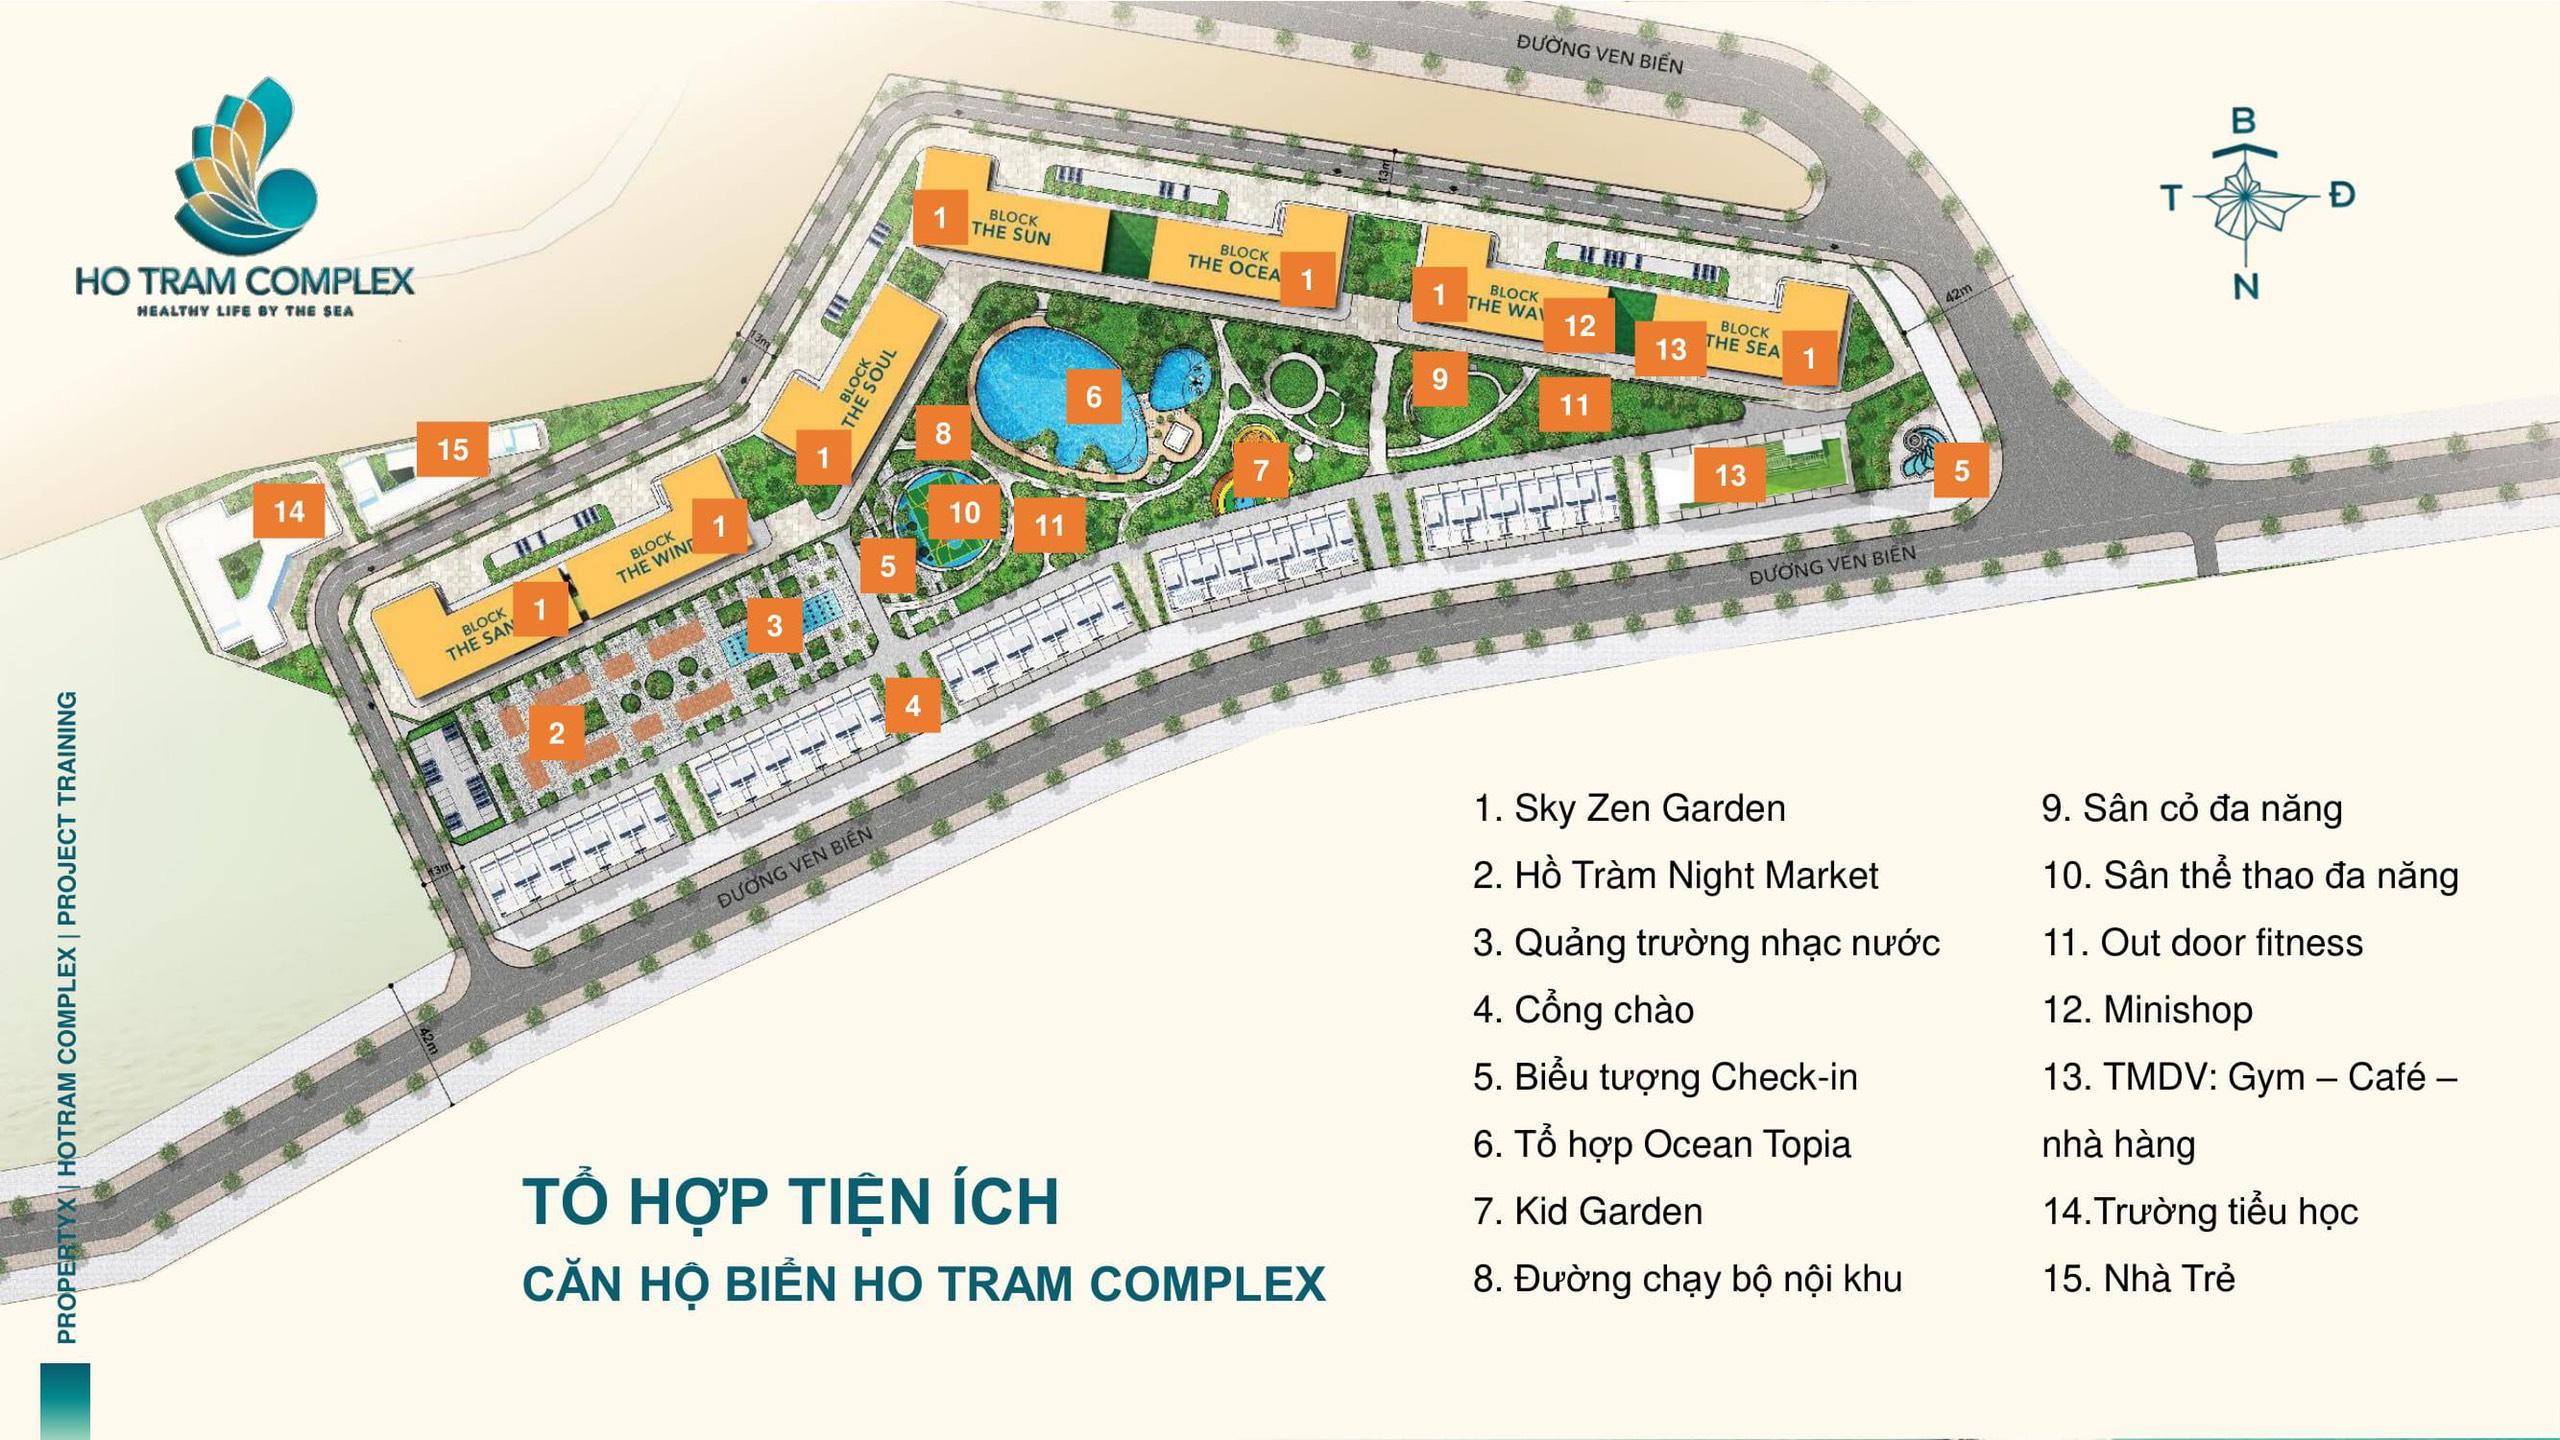 Măt bằng tổng quan dự án Hồ Tràm Complex